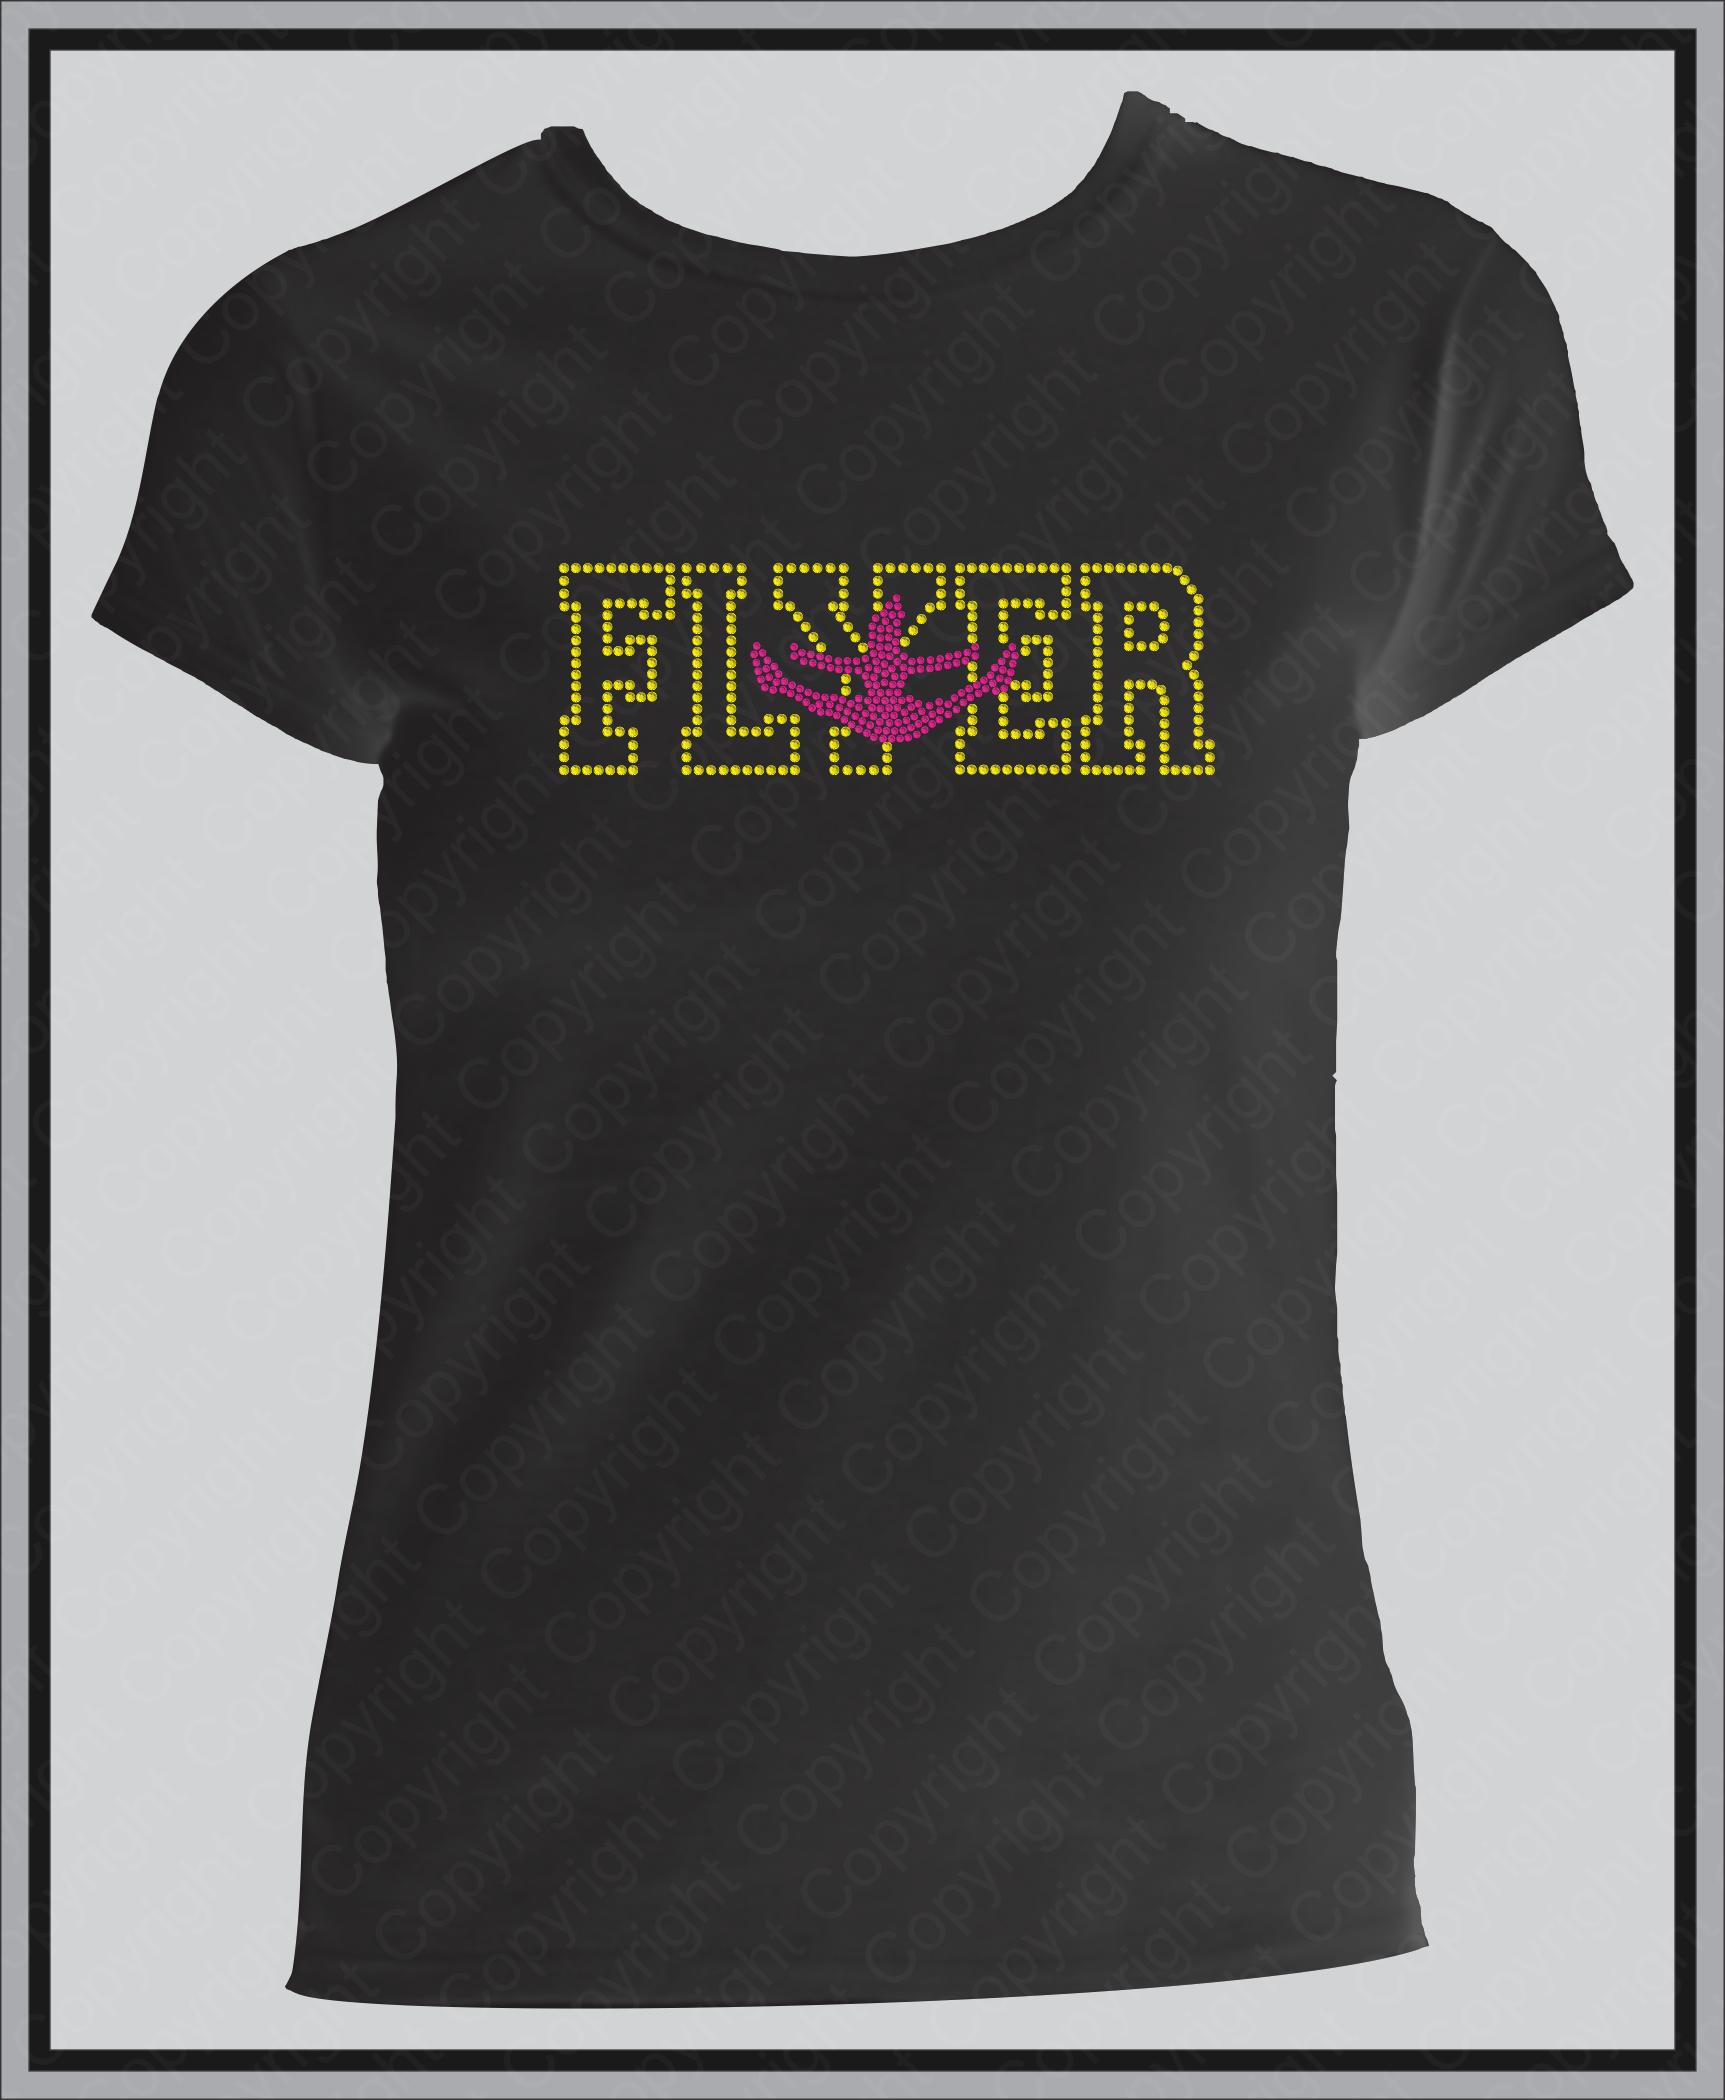 TRW Cheer Flyer 1 mock up (1).png